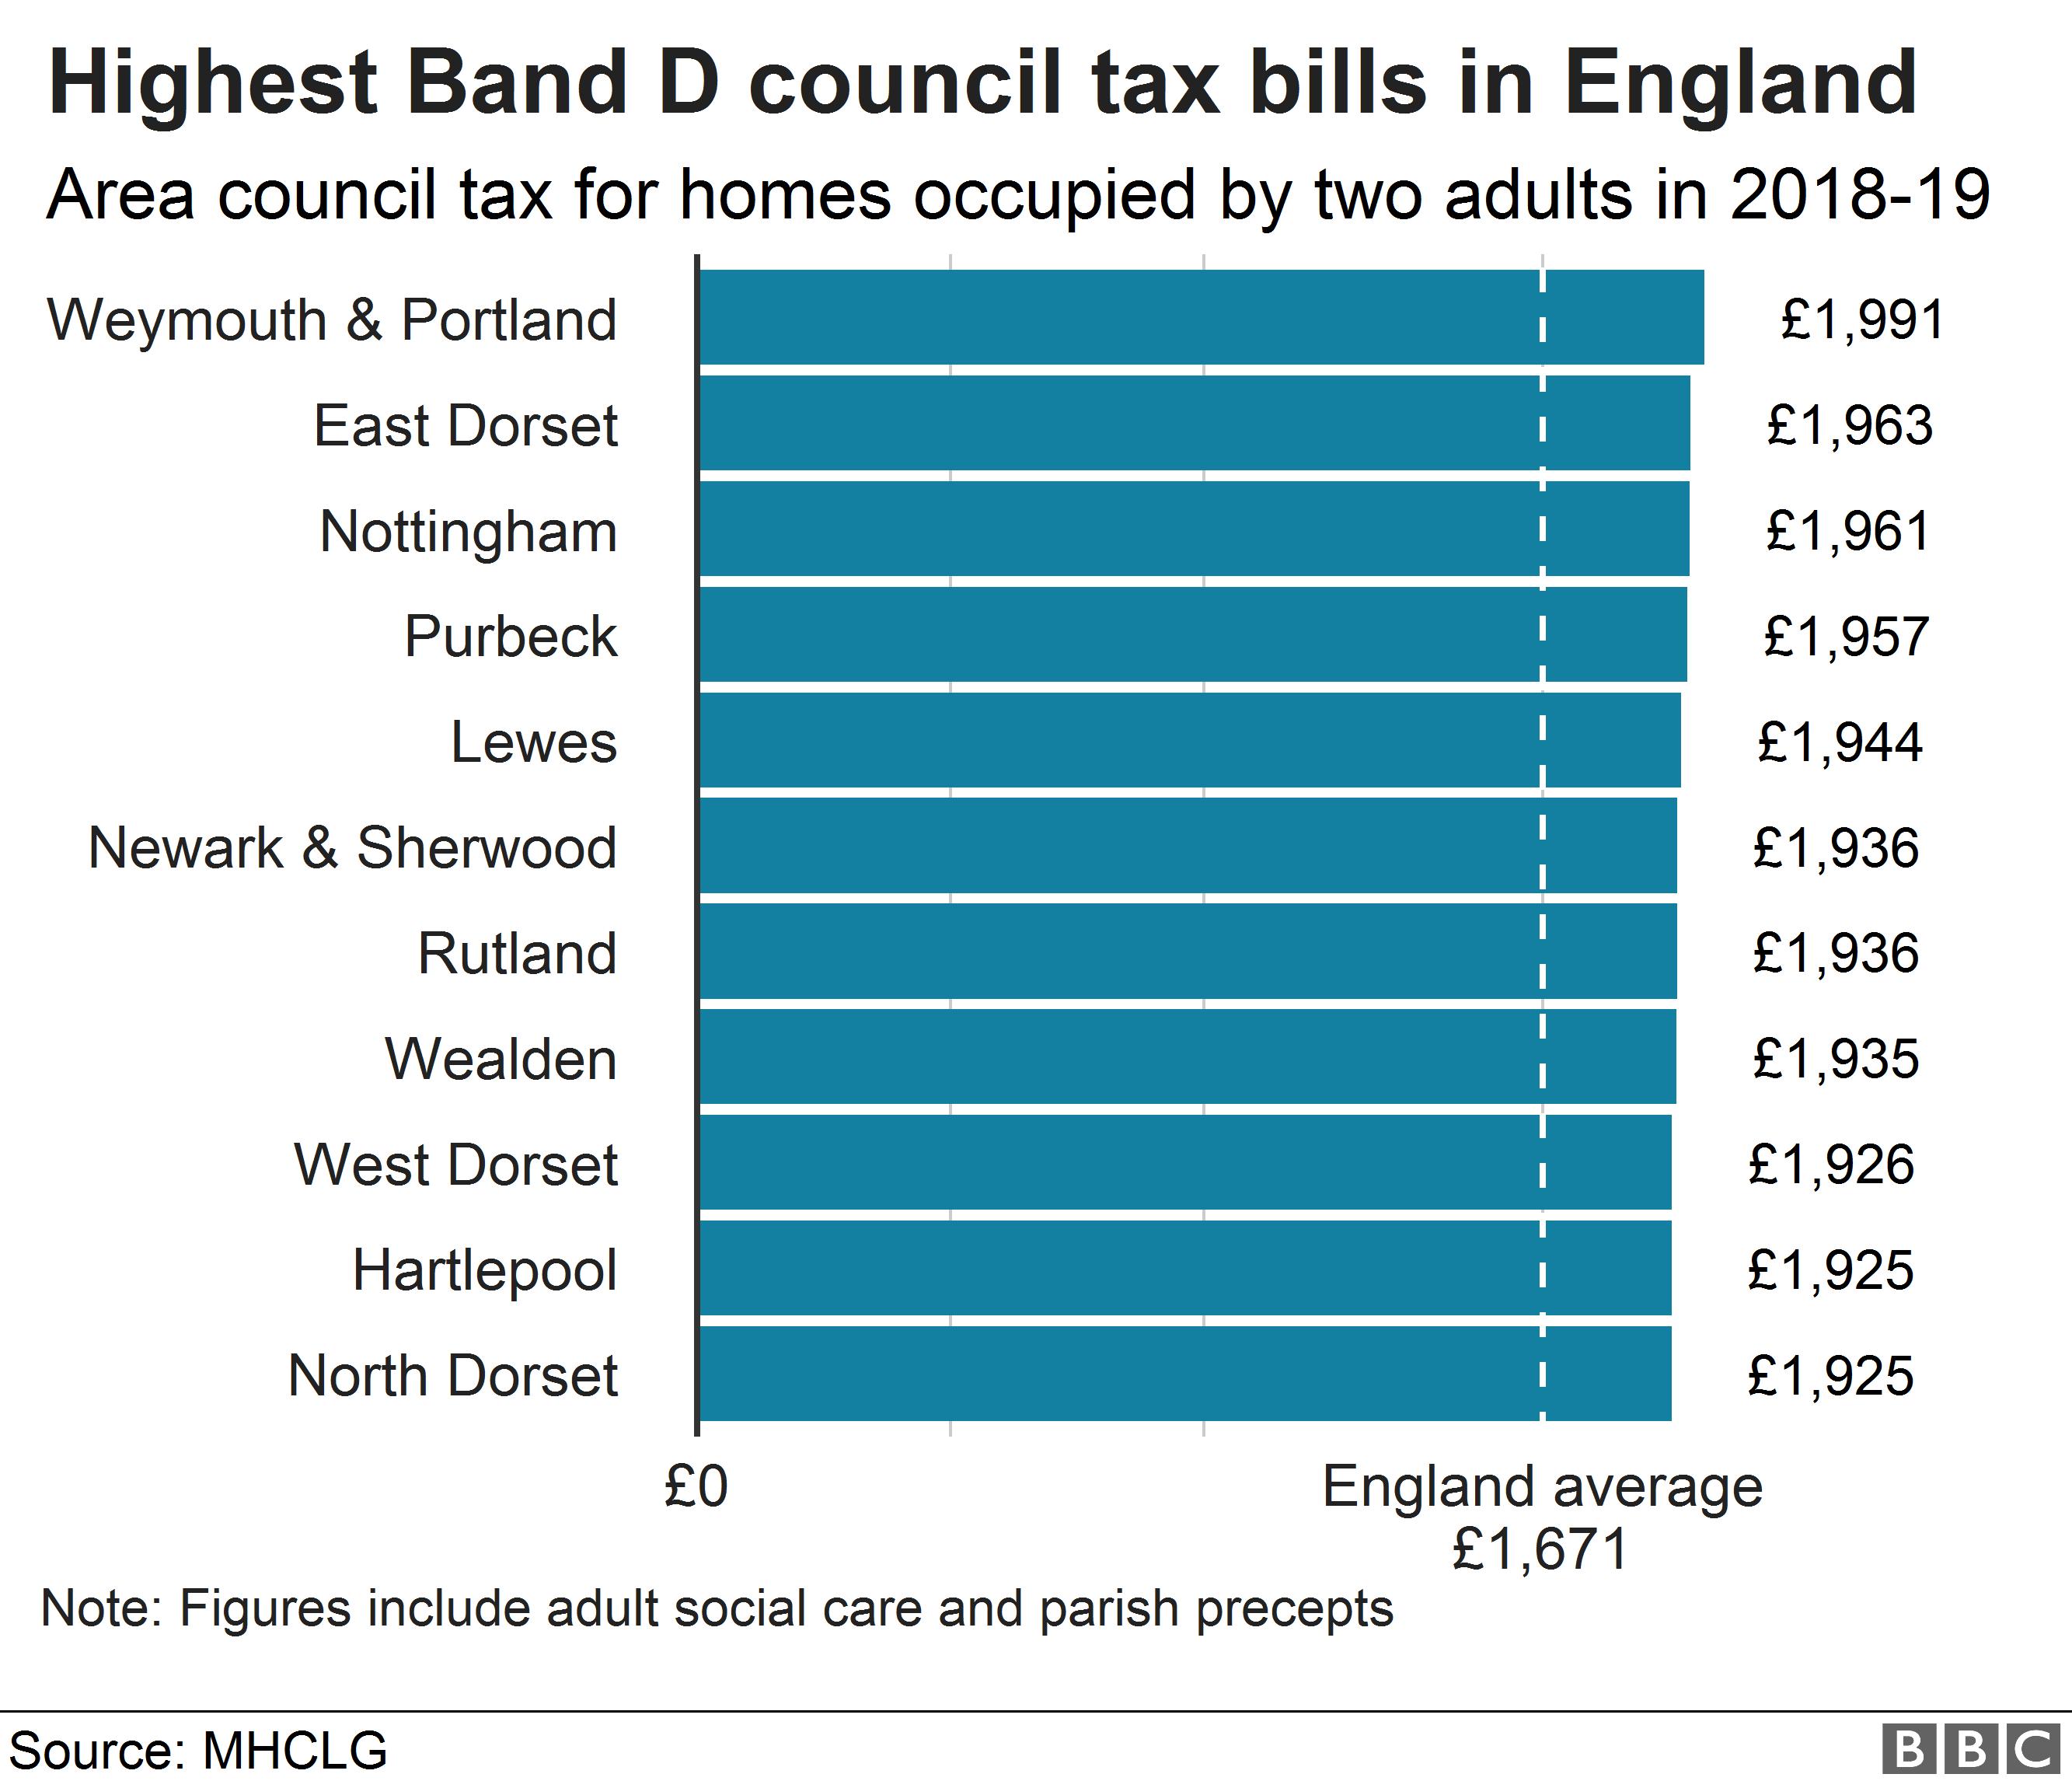 Chart showing highest council tax bills